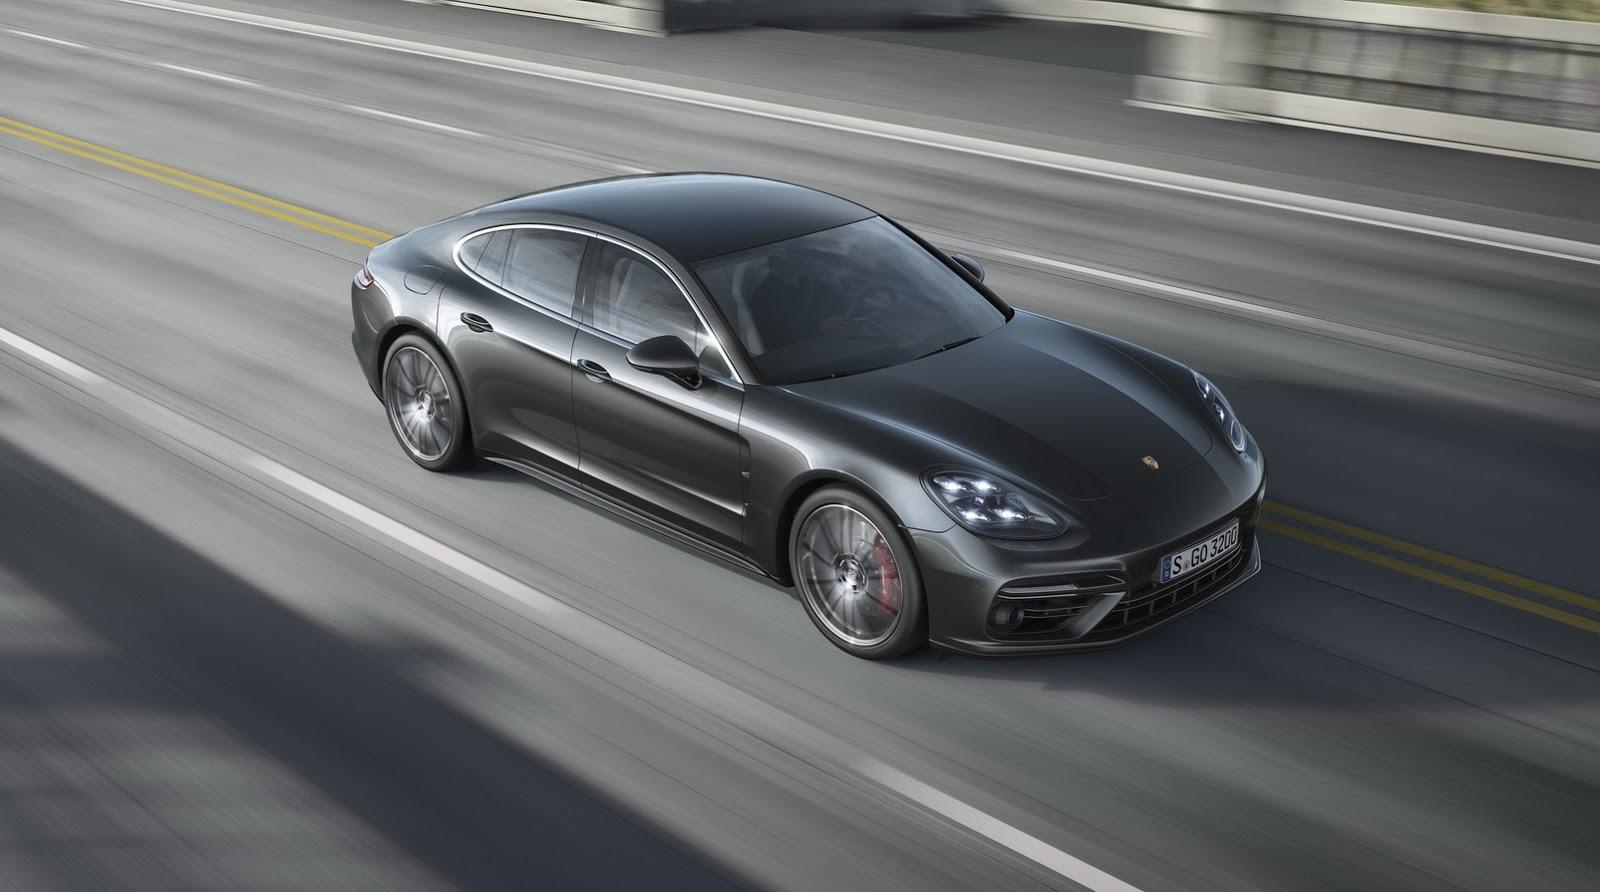 2017 Porsche Panamera: Технические характеристики, внешность, цена в России